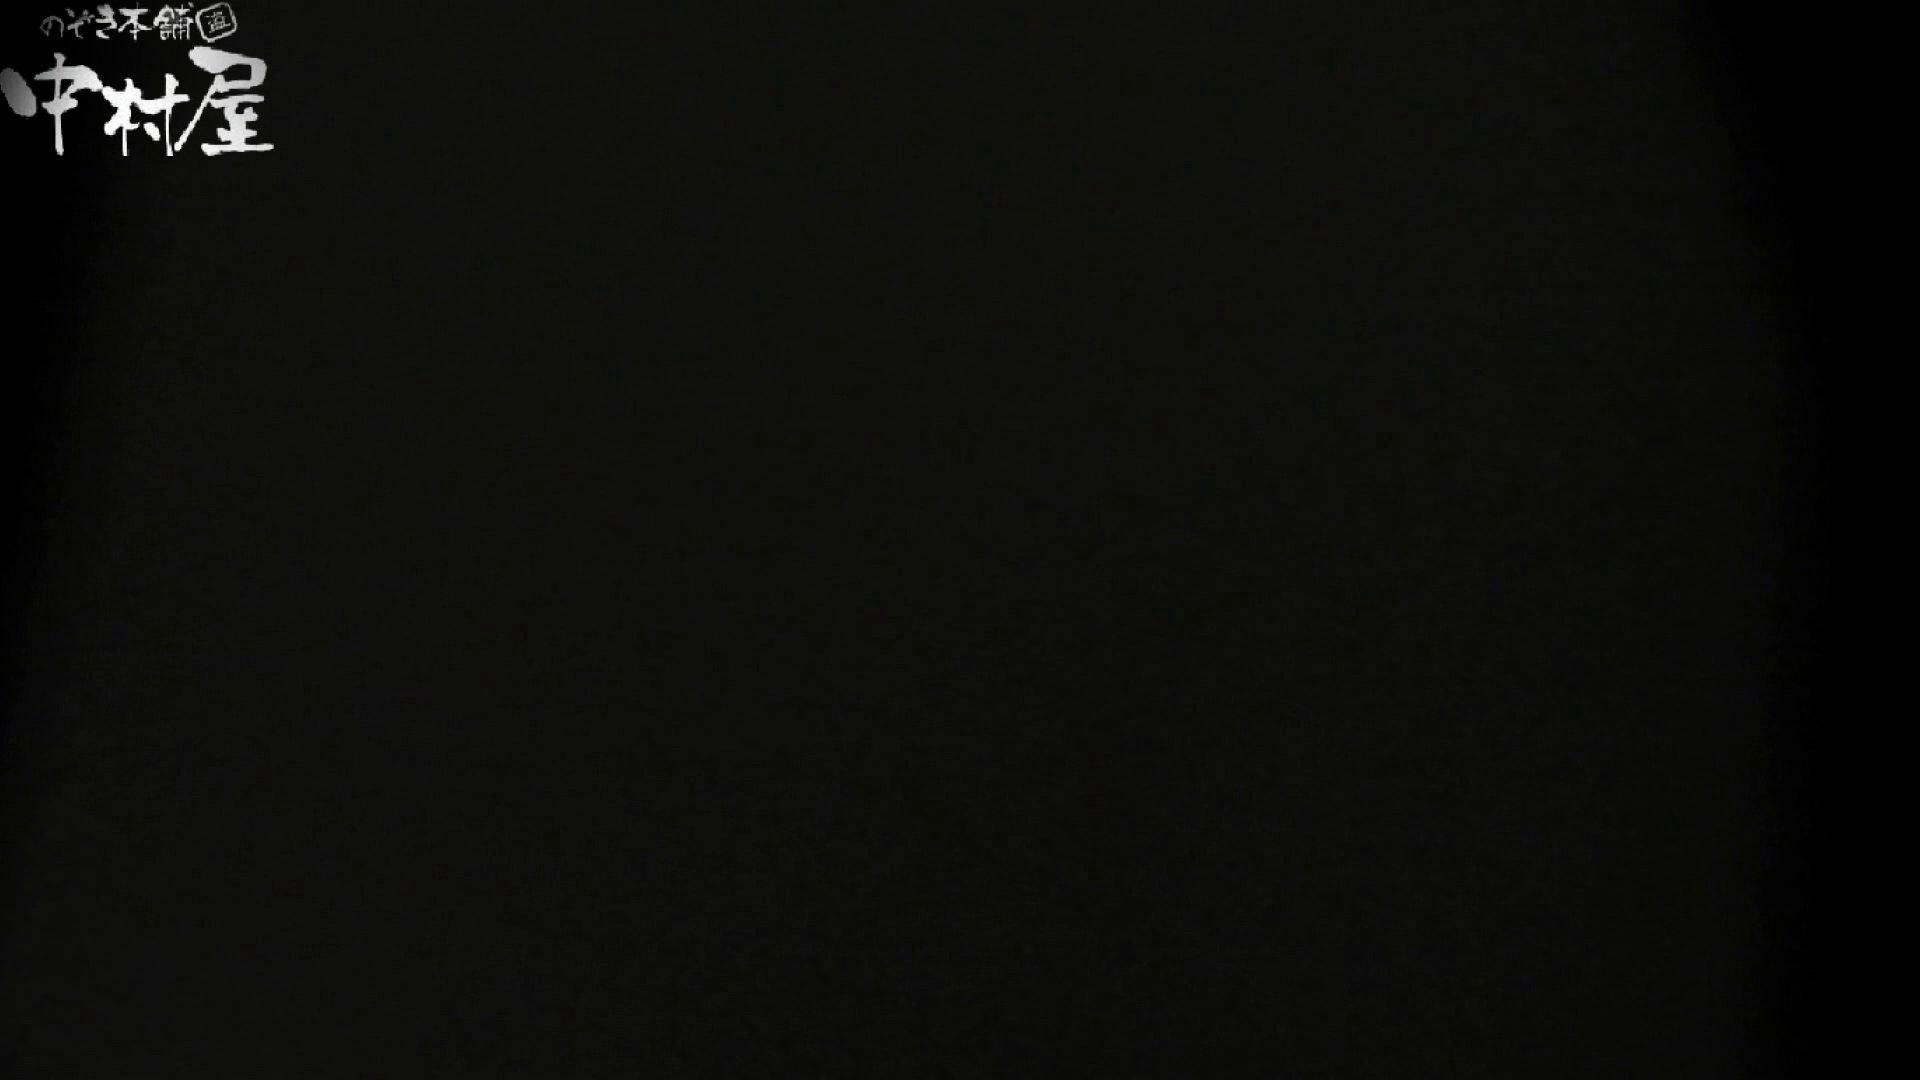 世界の射窓から~ステーション編~vol.39 お洒落な子がパイパン パイパン特集 | ギャルのマンコ  9枚 3